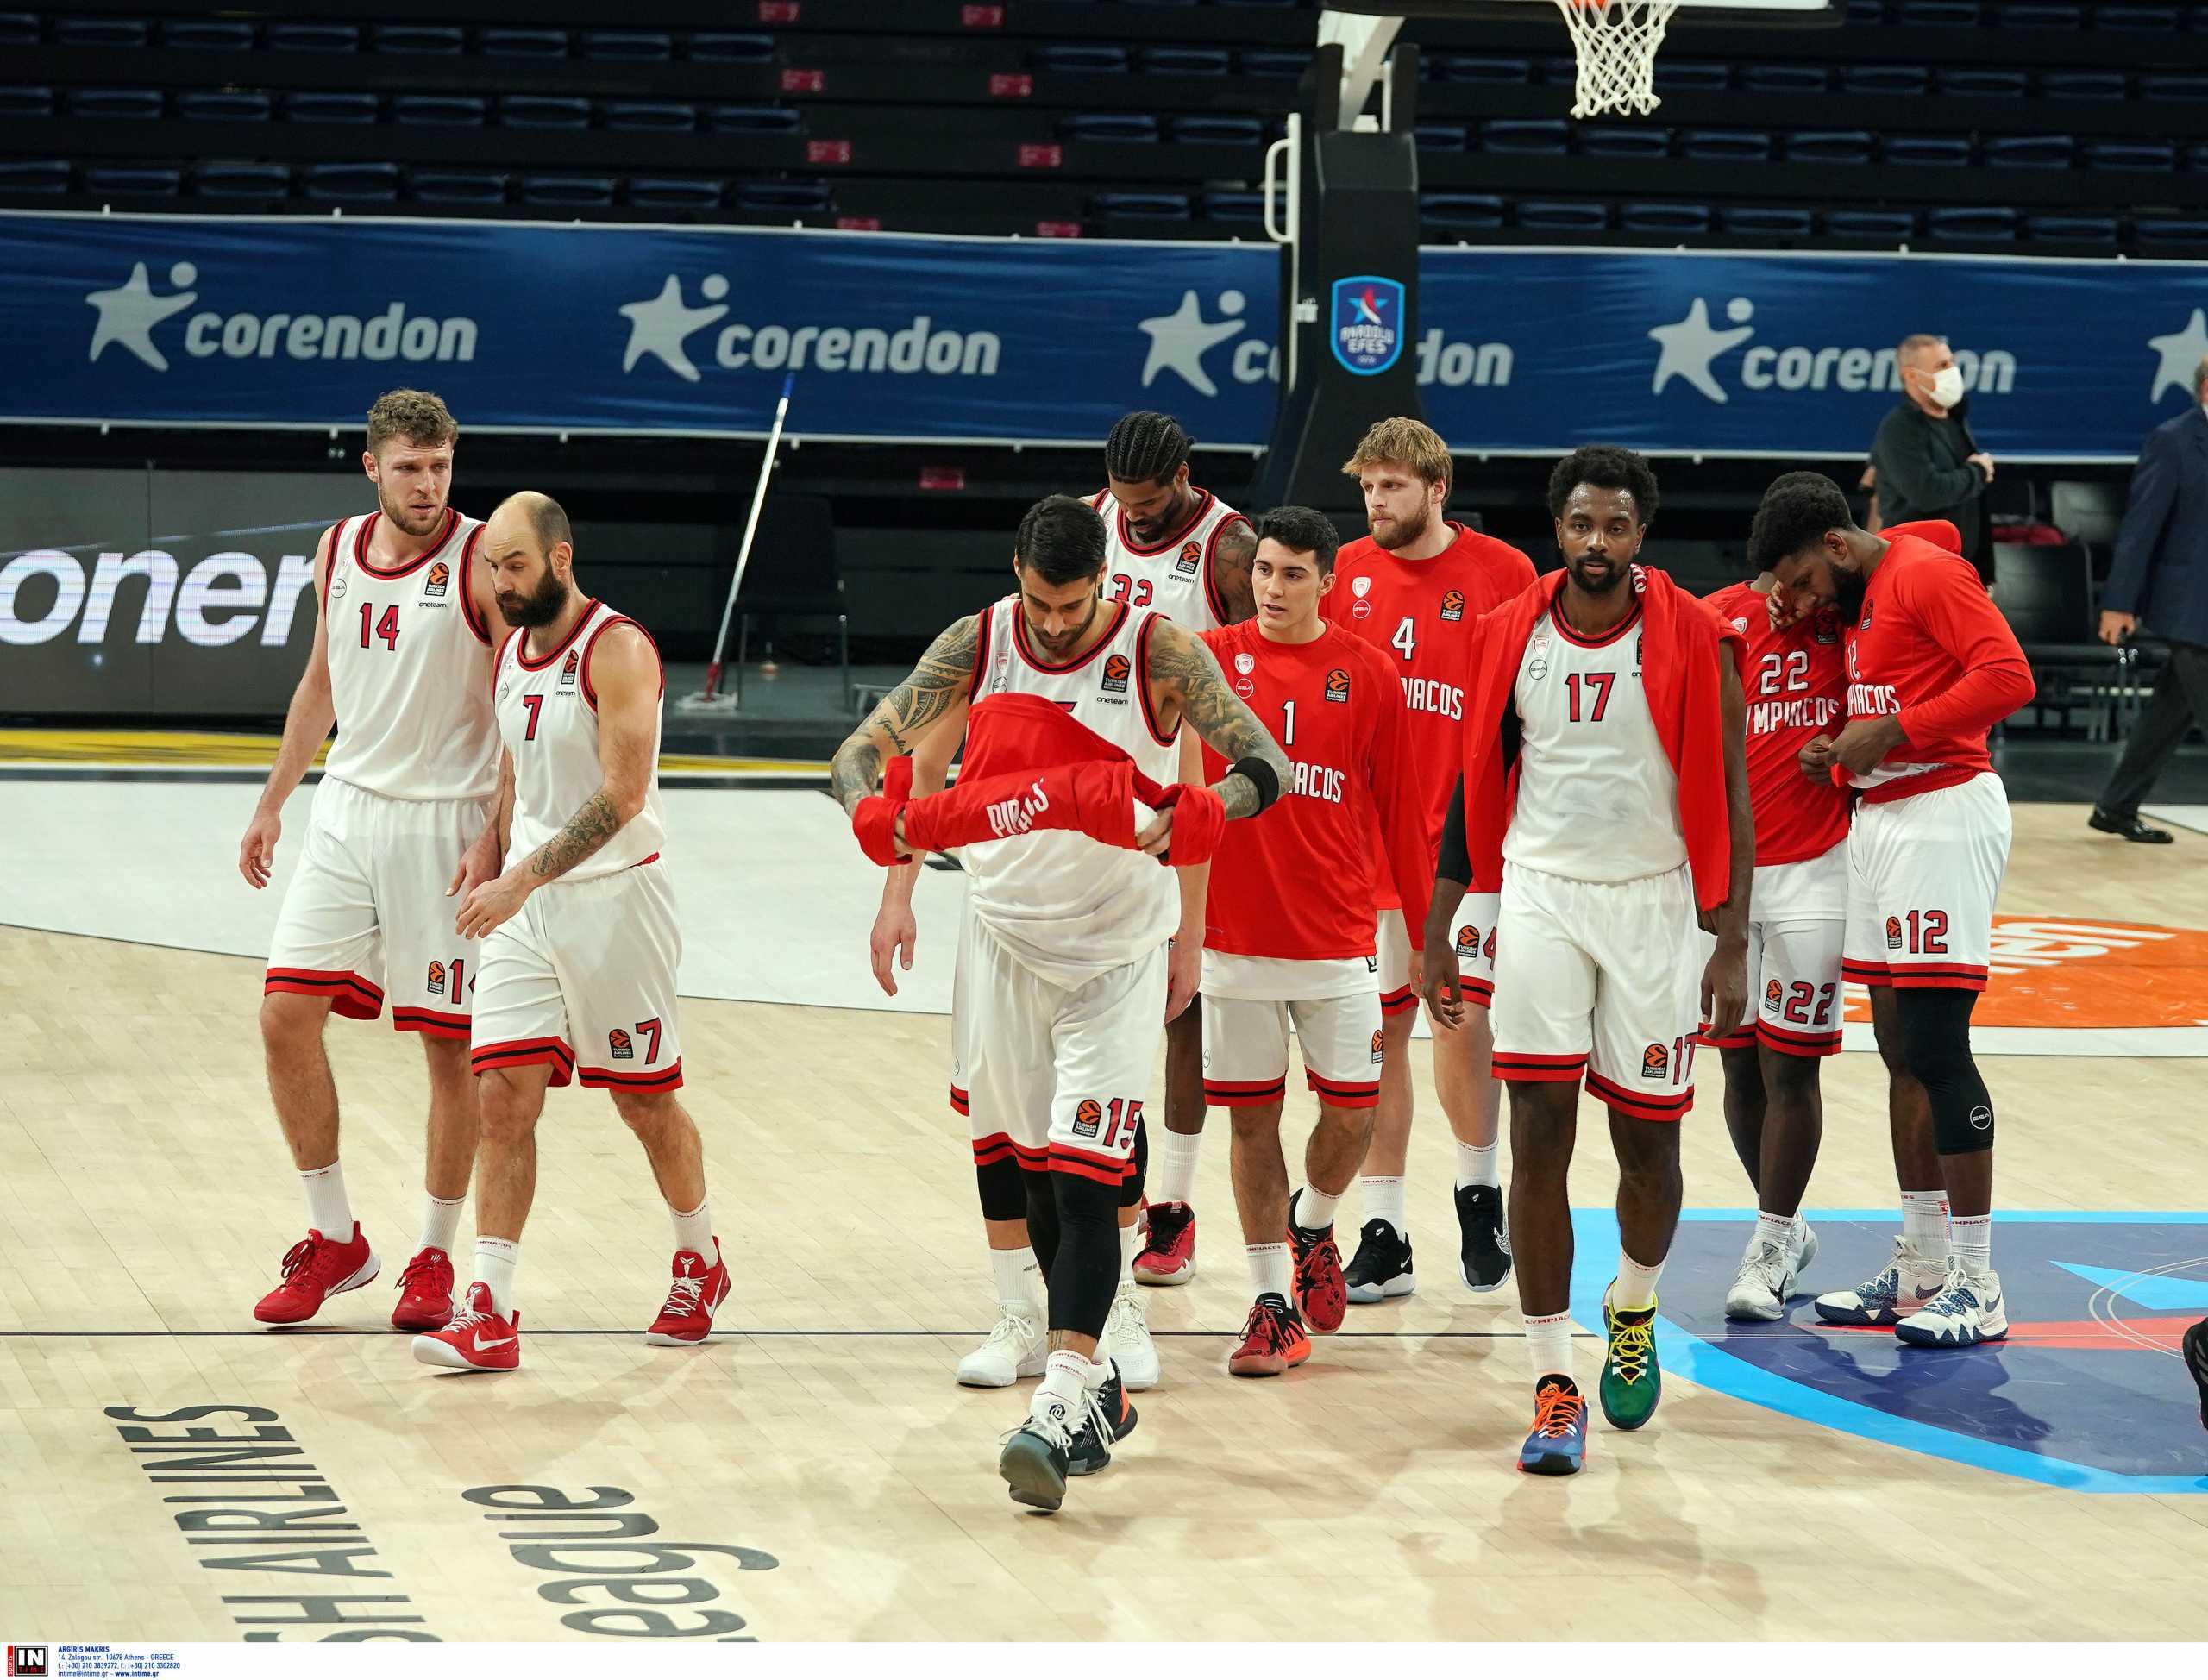 Βαθμολογία Euroleague: «Σαρωτικές» Αρμάνι Μιλάνο και Μπαρτσελόνα – Χάνει την 8άδα ο Ολυμπιακός (videos)